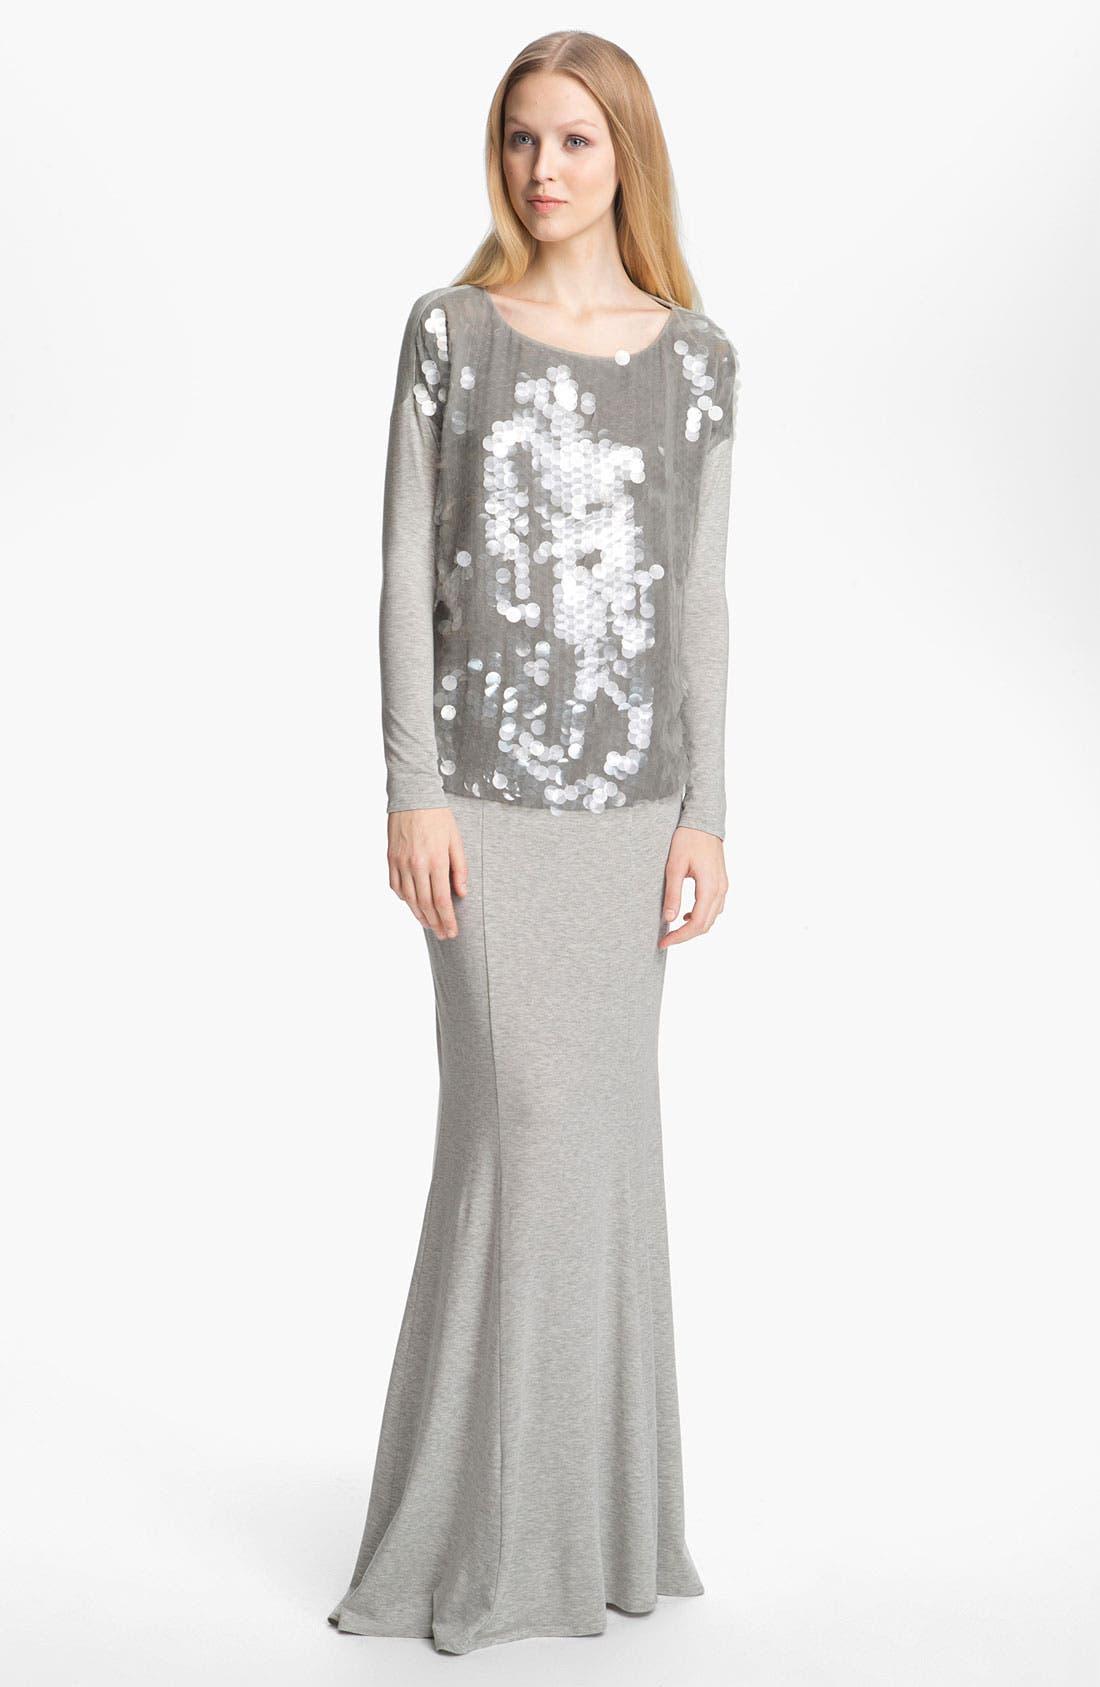 Alternate Image 1 Selected - Rachel Zoe 'Cori' Sequin Front Top